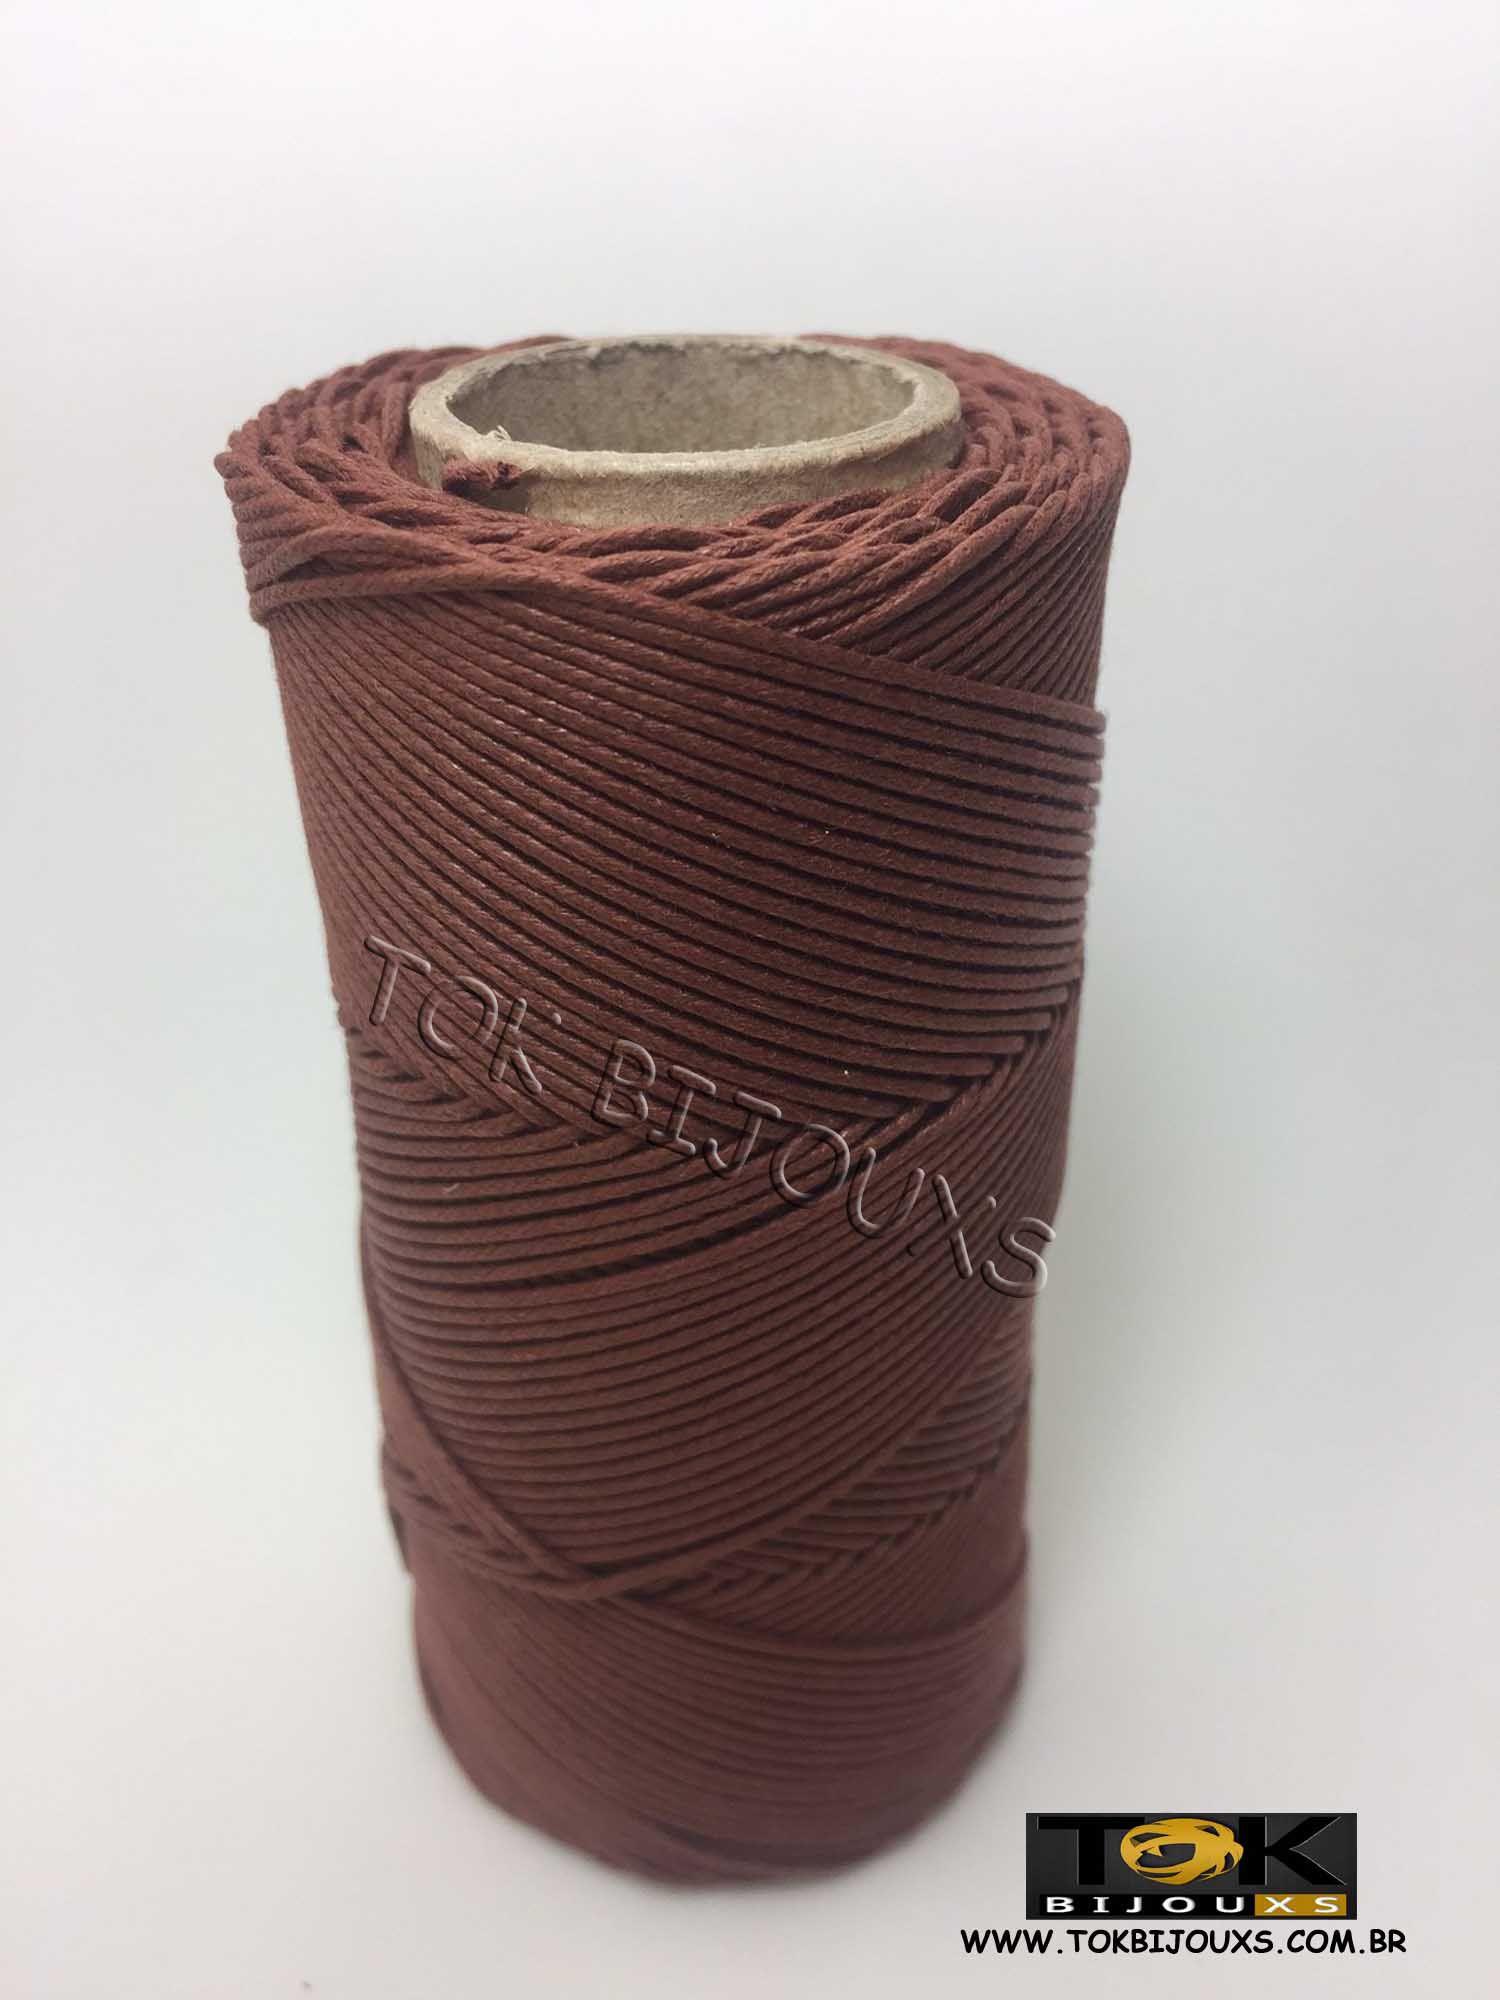 Cordão Encerado Algodão - 1,5mm - Marrom Conhaque